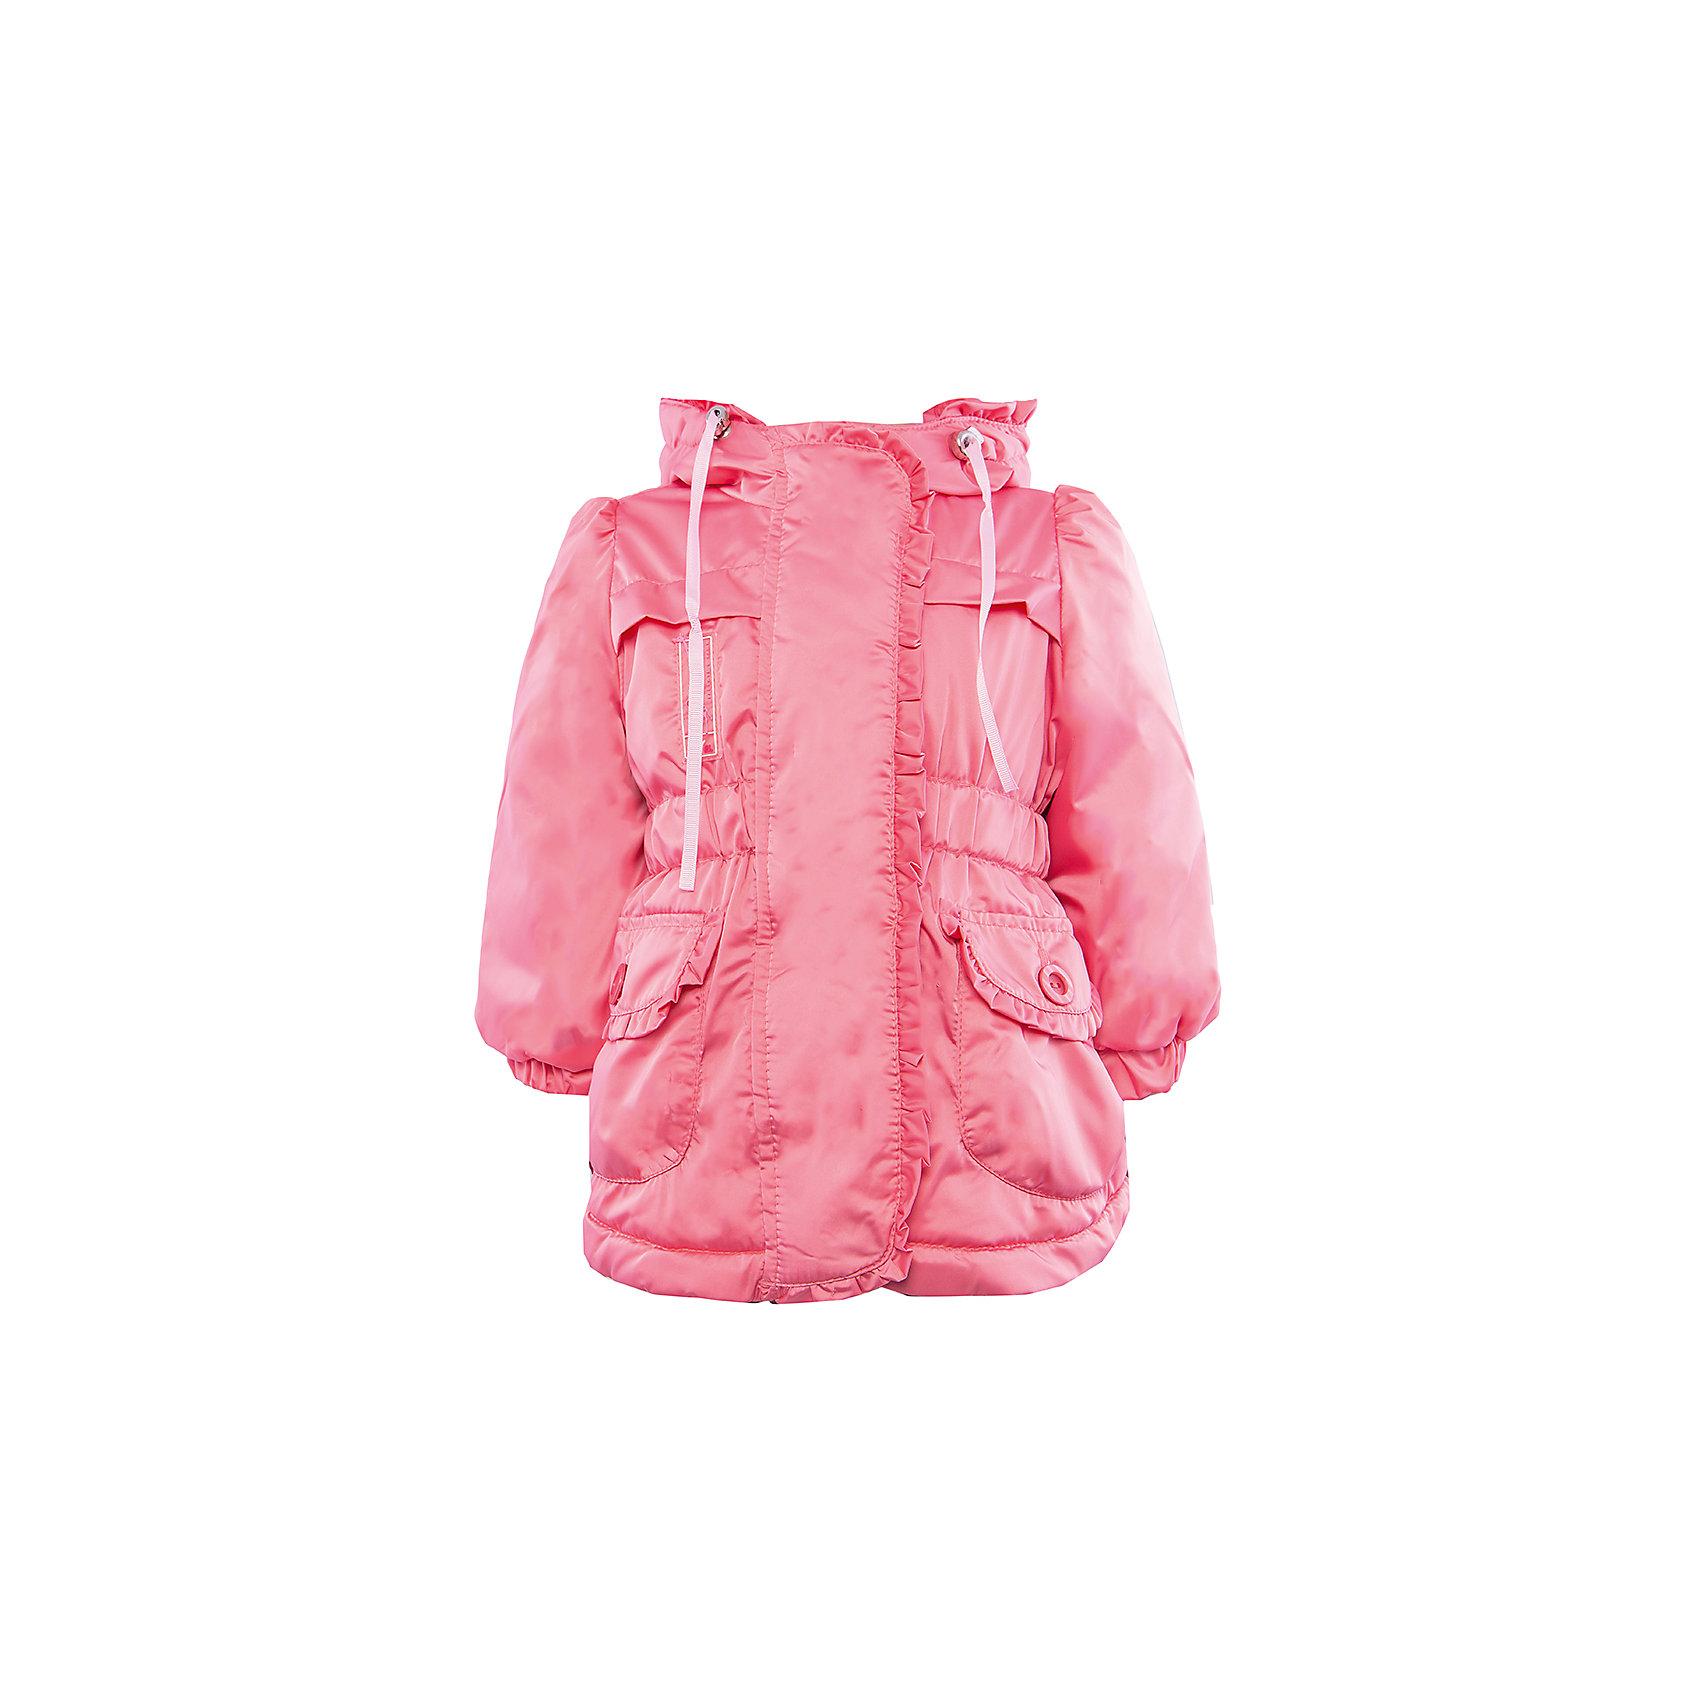 Куртка для девочки АртельВерхняя одежда<br>Куртка для девочки от торговой марки Артель &#13;<br>&#13;<br>Модная куртка отлично смотрится и хорошо сидит. Изделие выполнено из качественных материалов, имеет удобные карманы и капюшон. Отличный вариант для переменной погоды межсезонья!&#13;<br>Одежда от бренда Артель – это высокое качество по приемлемой цене и всегда продуманный дизайн. &#13;<br>&#13;<br>Особенности модели: &#13;<br>- цвет - розовый;&#13;<br>- наличие карманов;&#13;<br>- наличие капюшона;&#13;<br>- ветрозащитный клапан;&#13;<br>- отделка рюшами;&#13;<br>- застежка-молния.&#13;<br>&#13;<br>Дополнительная информация:&#13;<br>&#13;<br>Состав: &#13;<br>- верх: F Multi;&#13;<br>- подкладка: хлопок интерлок;<br>- утеплитель: термофайбер 100гр.<br><br>&#13;<br>Температурный режим: &#13;<br>от -10 °C до +10 °C&#13;<br>&#13;<br>Куртку для девочки Артель (Artel) можно купить в нашем магазине.<br><br>Ширина мм: 356<br>Глубина мм: 10<br>Высота мм: 245<br>Вес г: 519<br>Цвет: розовый<br>Возраст от месяцев: 12<br>Возраст до месяцев: 15<br>Пол: Женский<br>Возраст: Детский<br>Размер: 80,86,98,92<br>SKU: 4496000